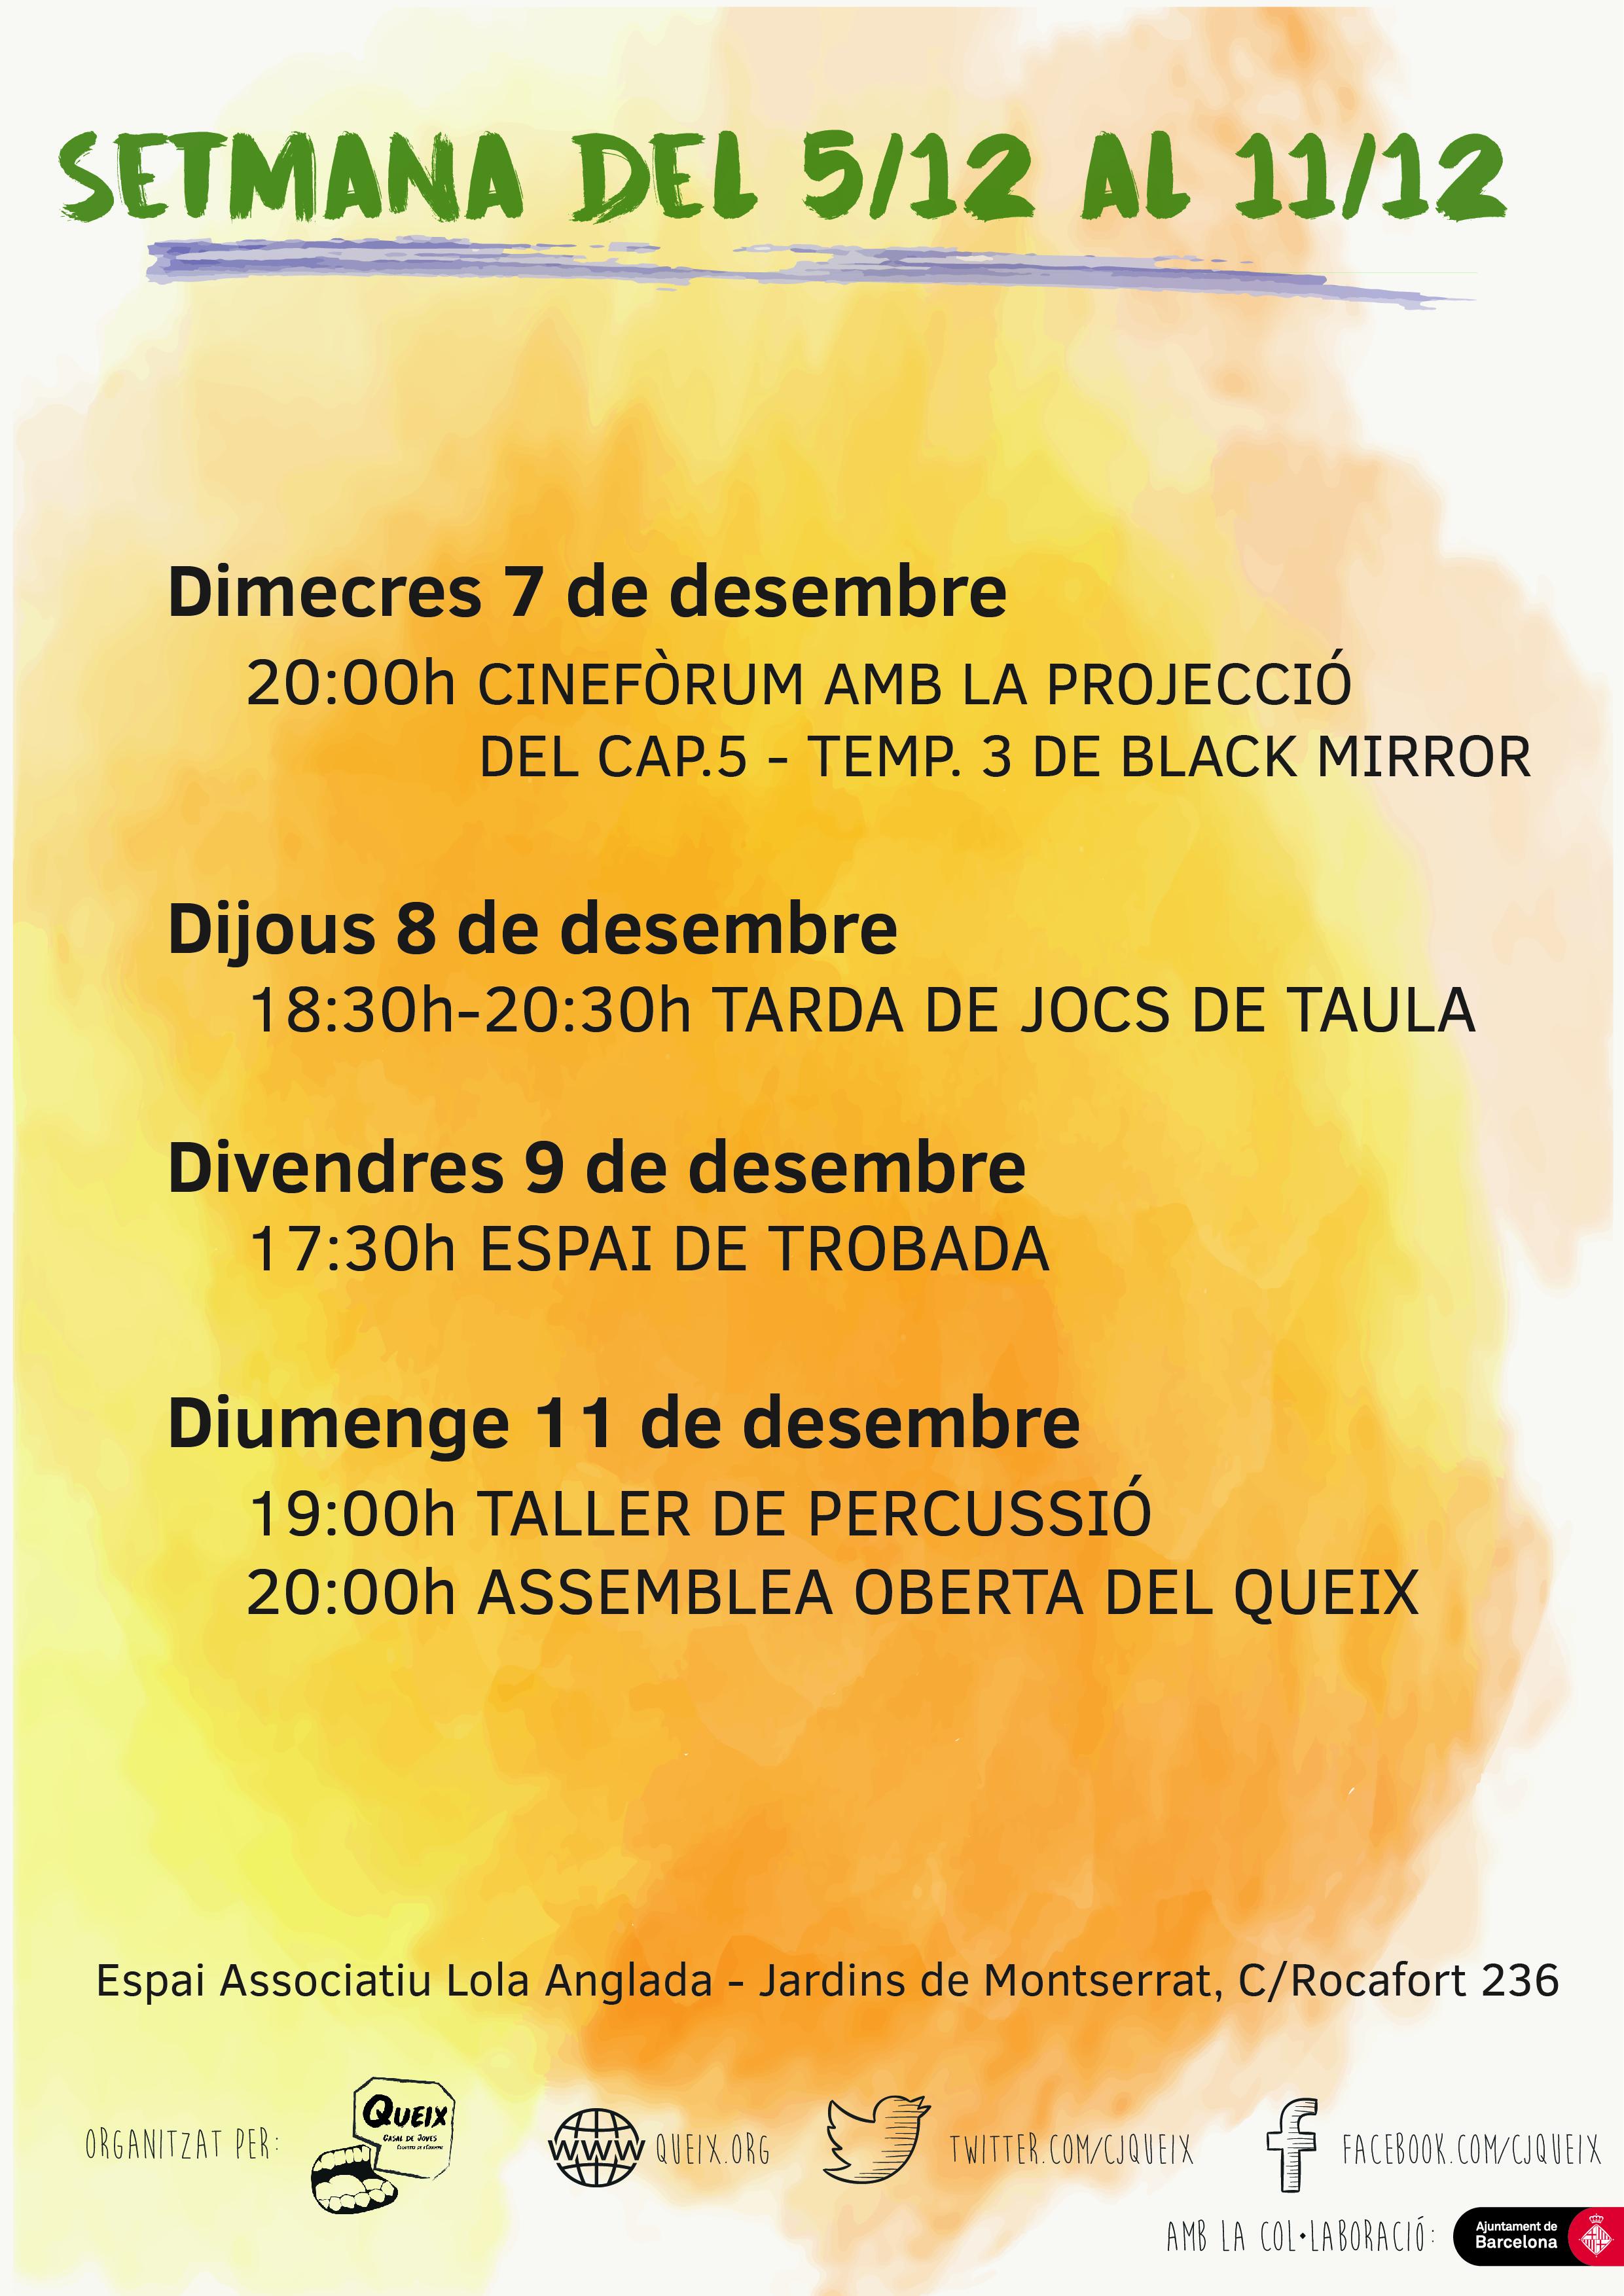 Planning de la setmana del 5/12 a 11/12